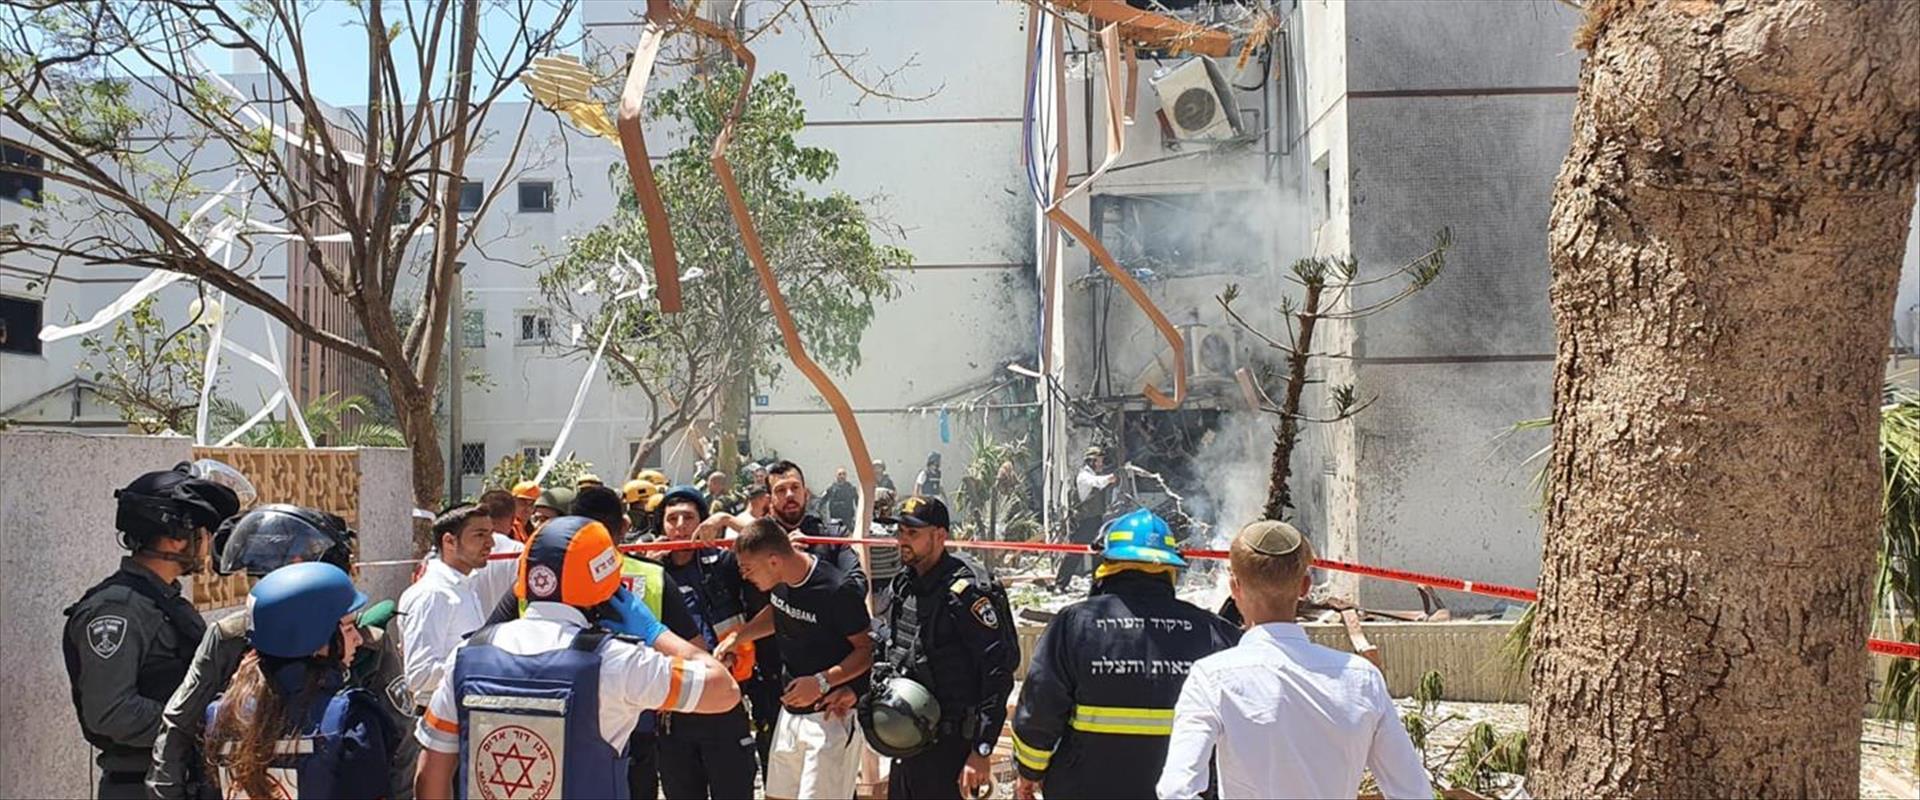 בניין המגורים שספג פגיעה ישירה באשדוד, היום